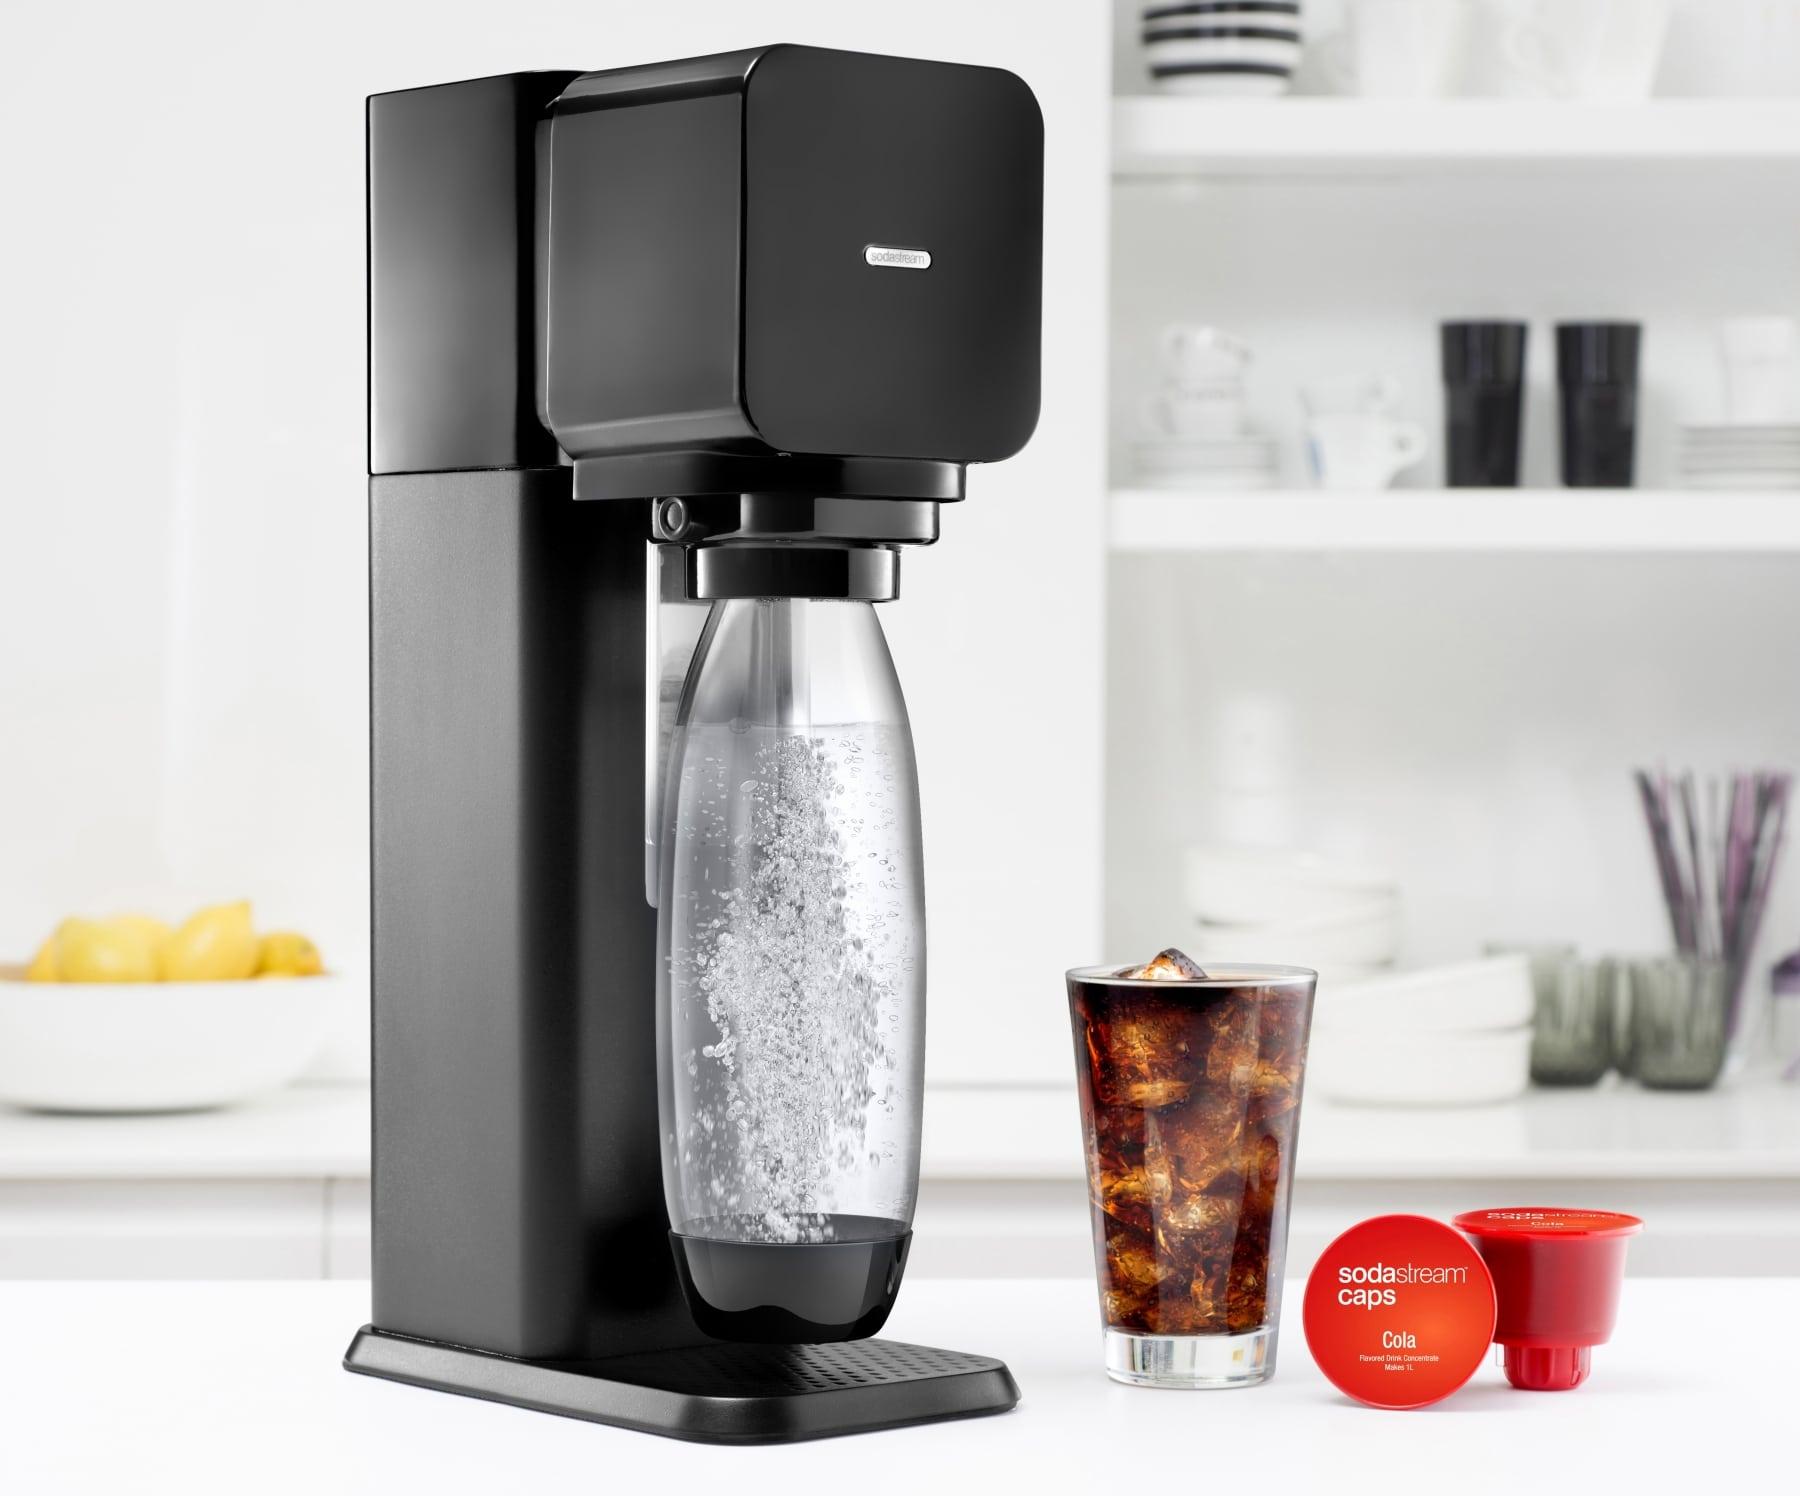 sodastream play drinks maker